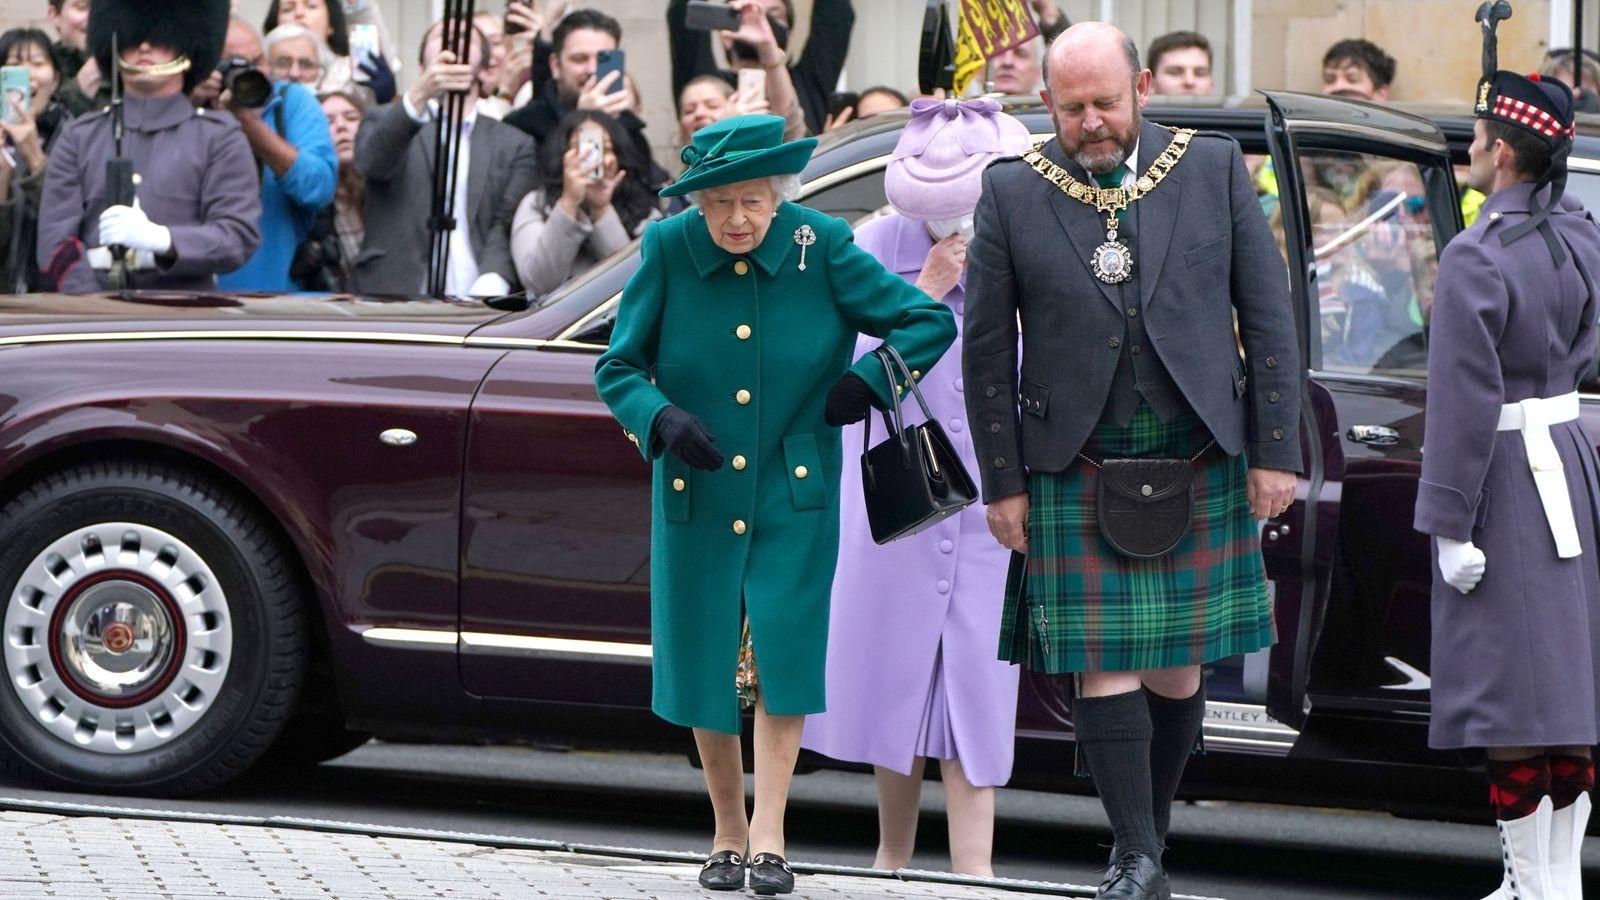 Arrivée de la reine au parlement écossais